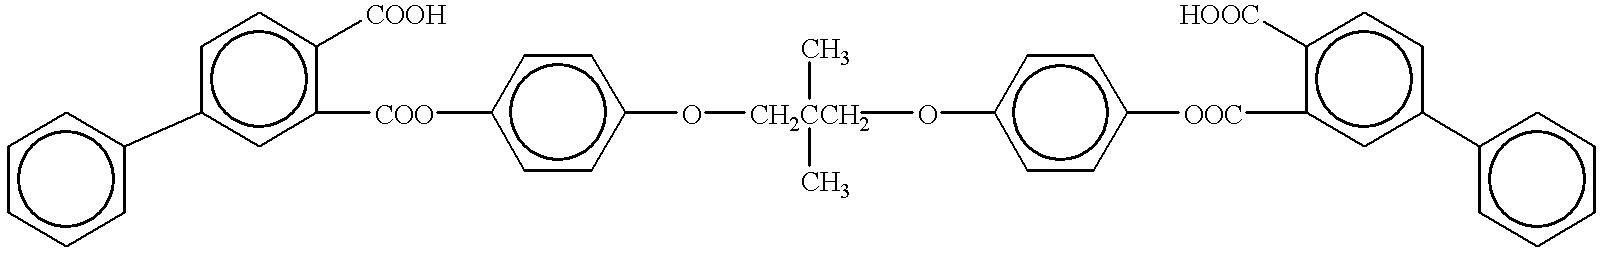 Figure US06180560-20010130-C00267